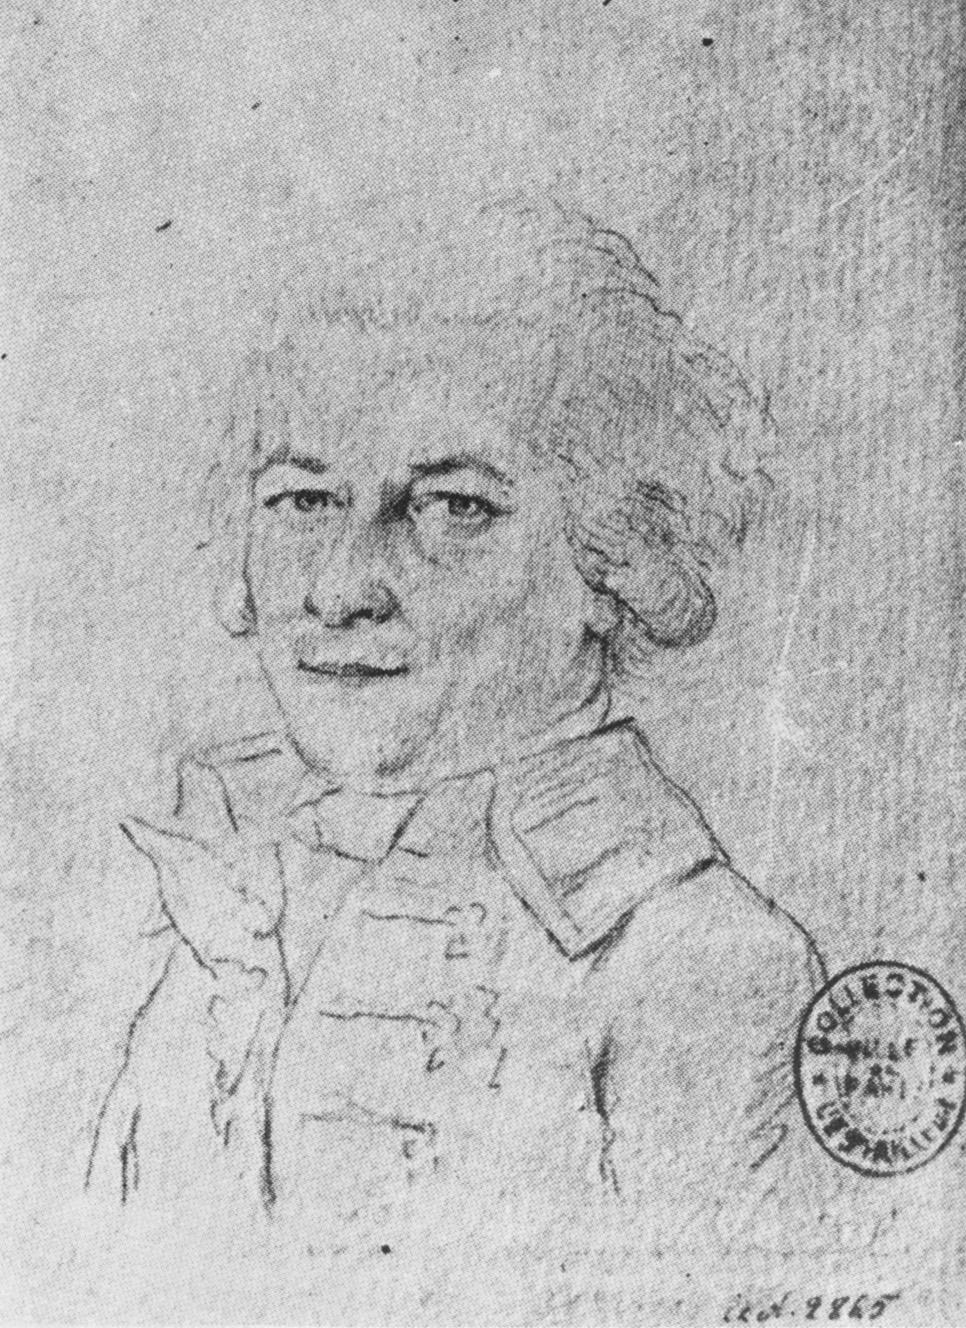 Jacques-Francois Blondel, portrait anonyme, Paris, Musée Carnavalet